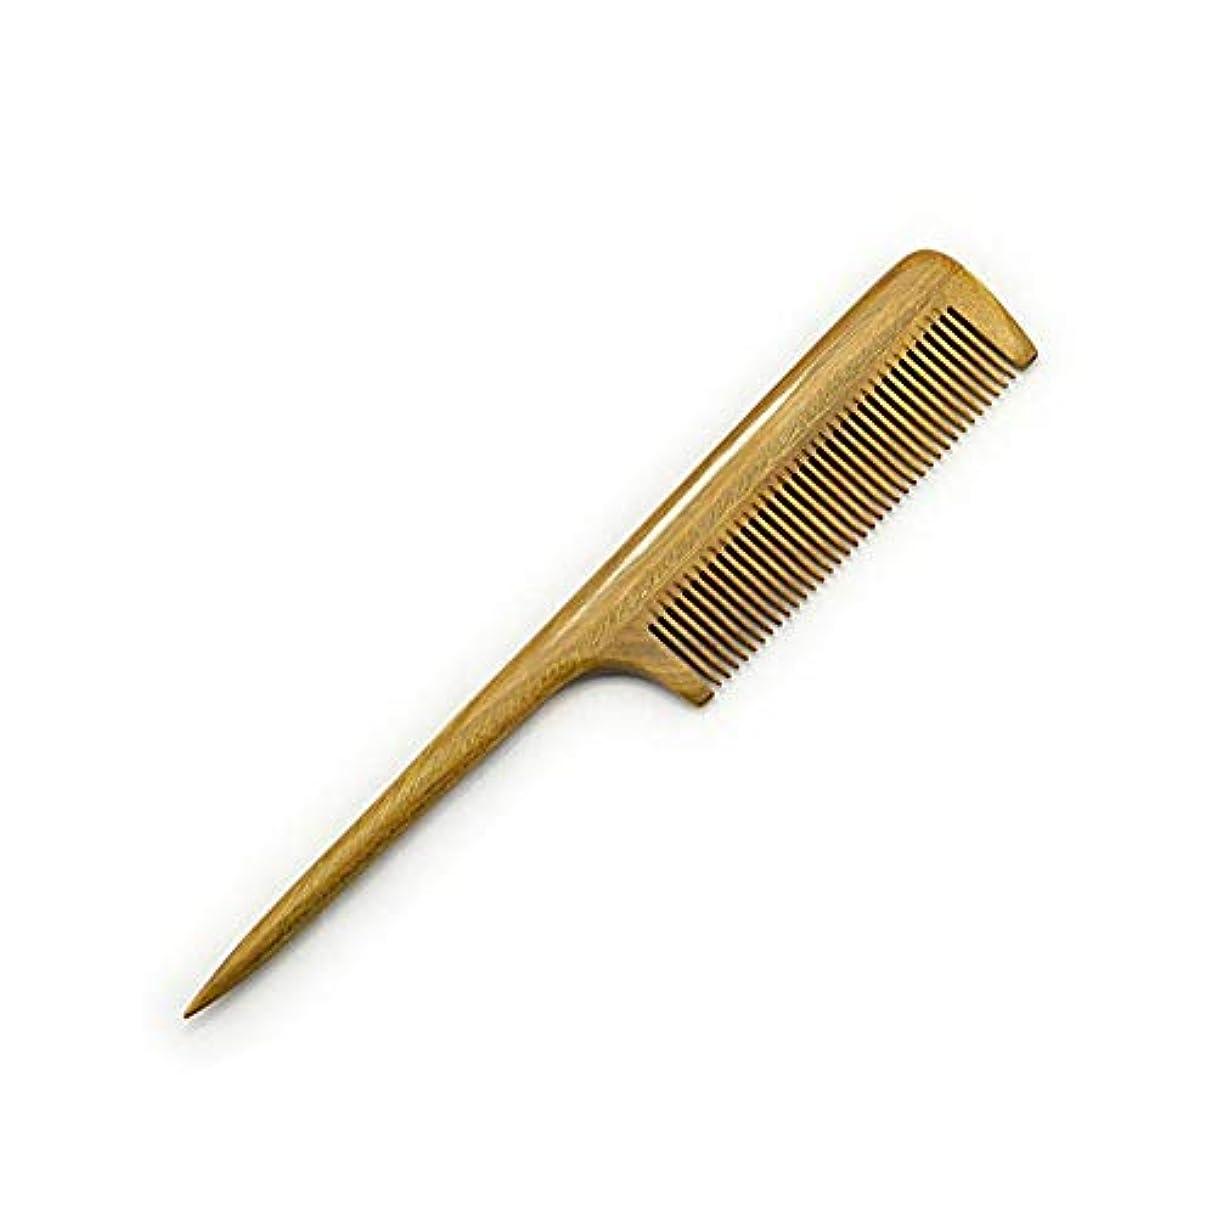 勇気のある圧倒的トライアスロンFashian髪の櫛 - 木製テールくしをもつれ解除ファイン歯 - 静的な天然サンダルウッドのくし ヘアケア